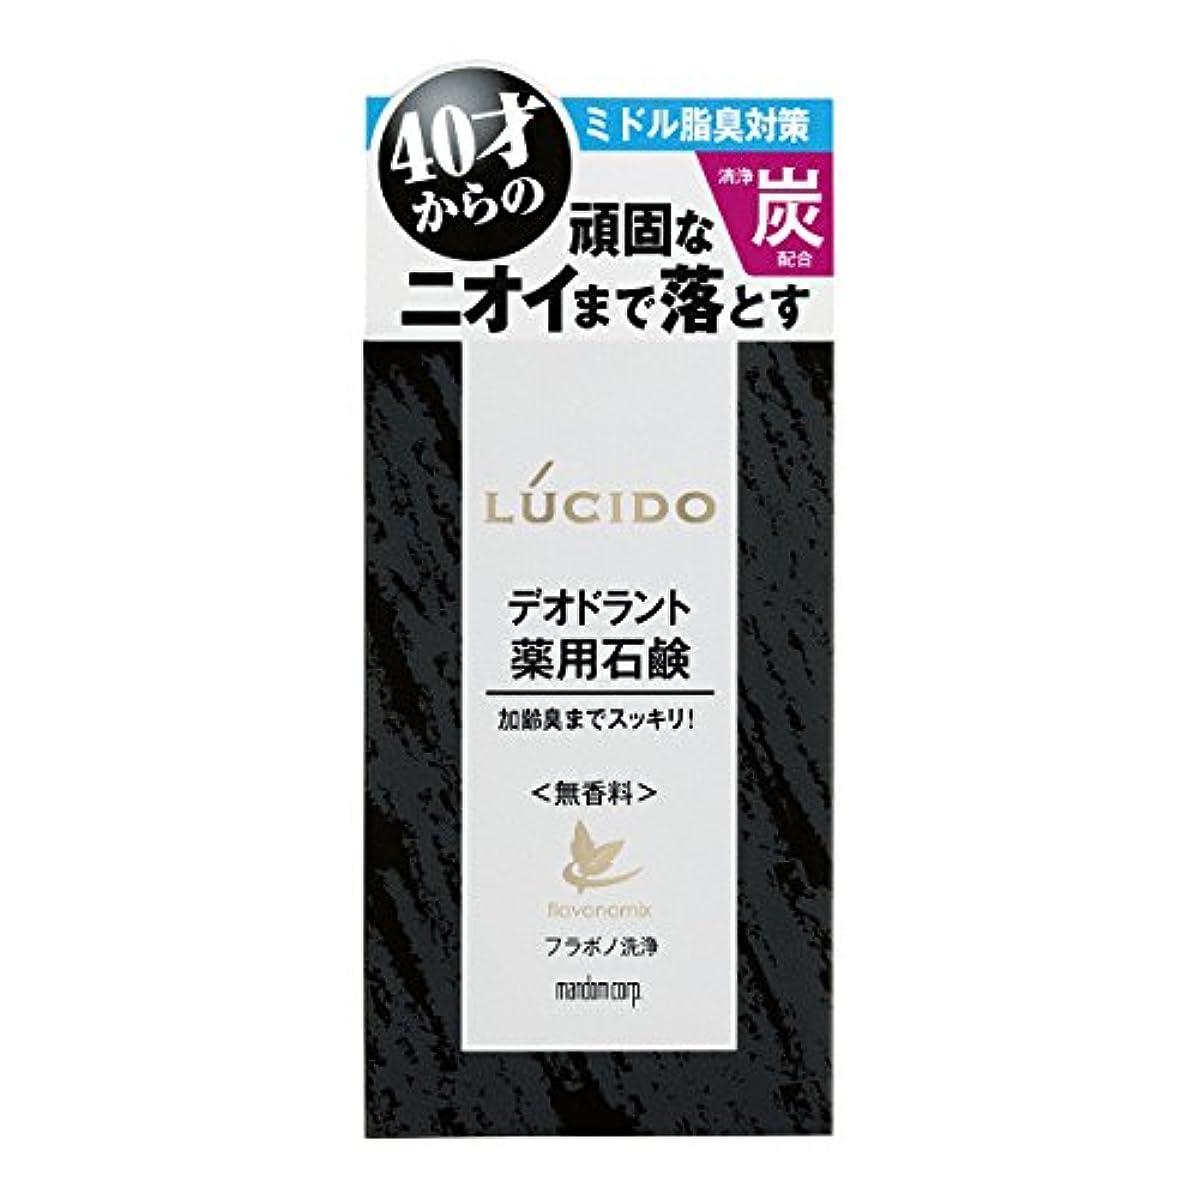 発送雨ポジティブルシード 薬用デオドラント石鹸 100g(医薬部外品)